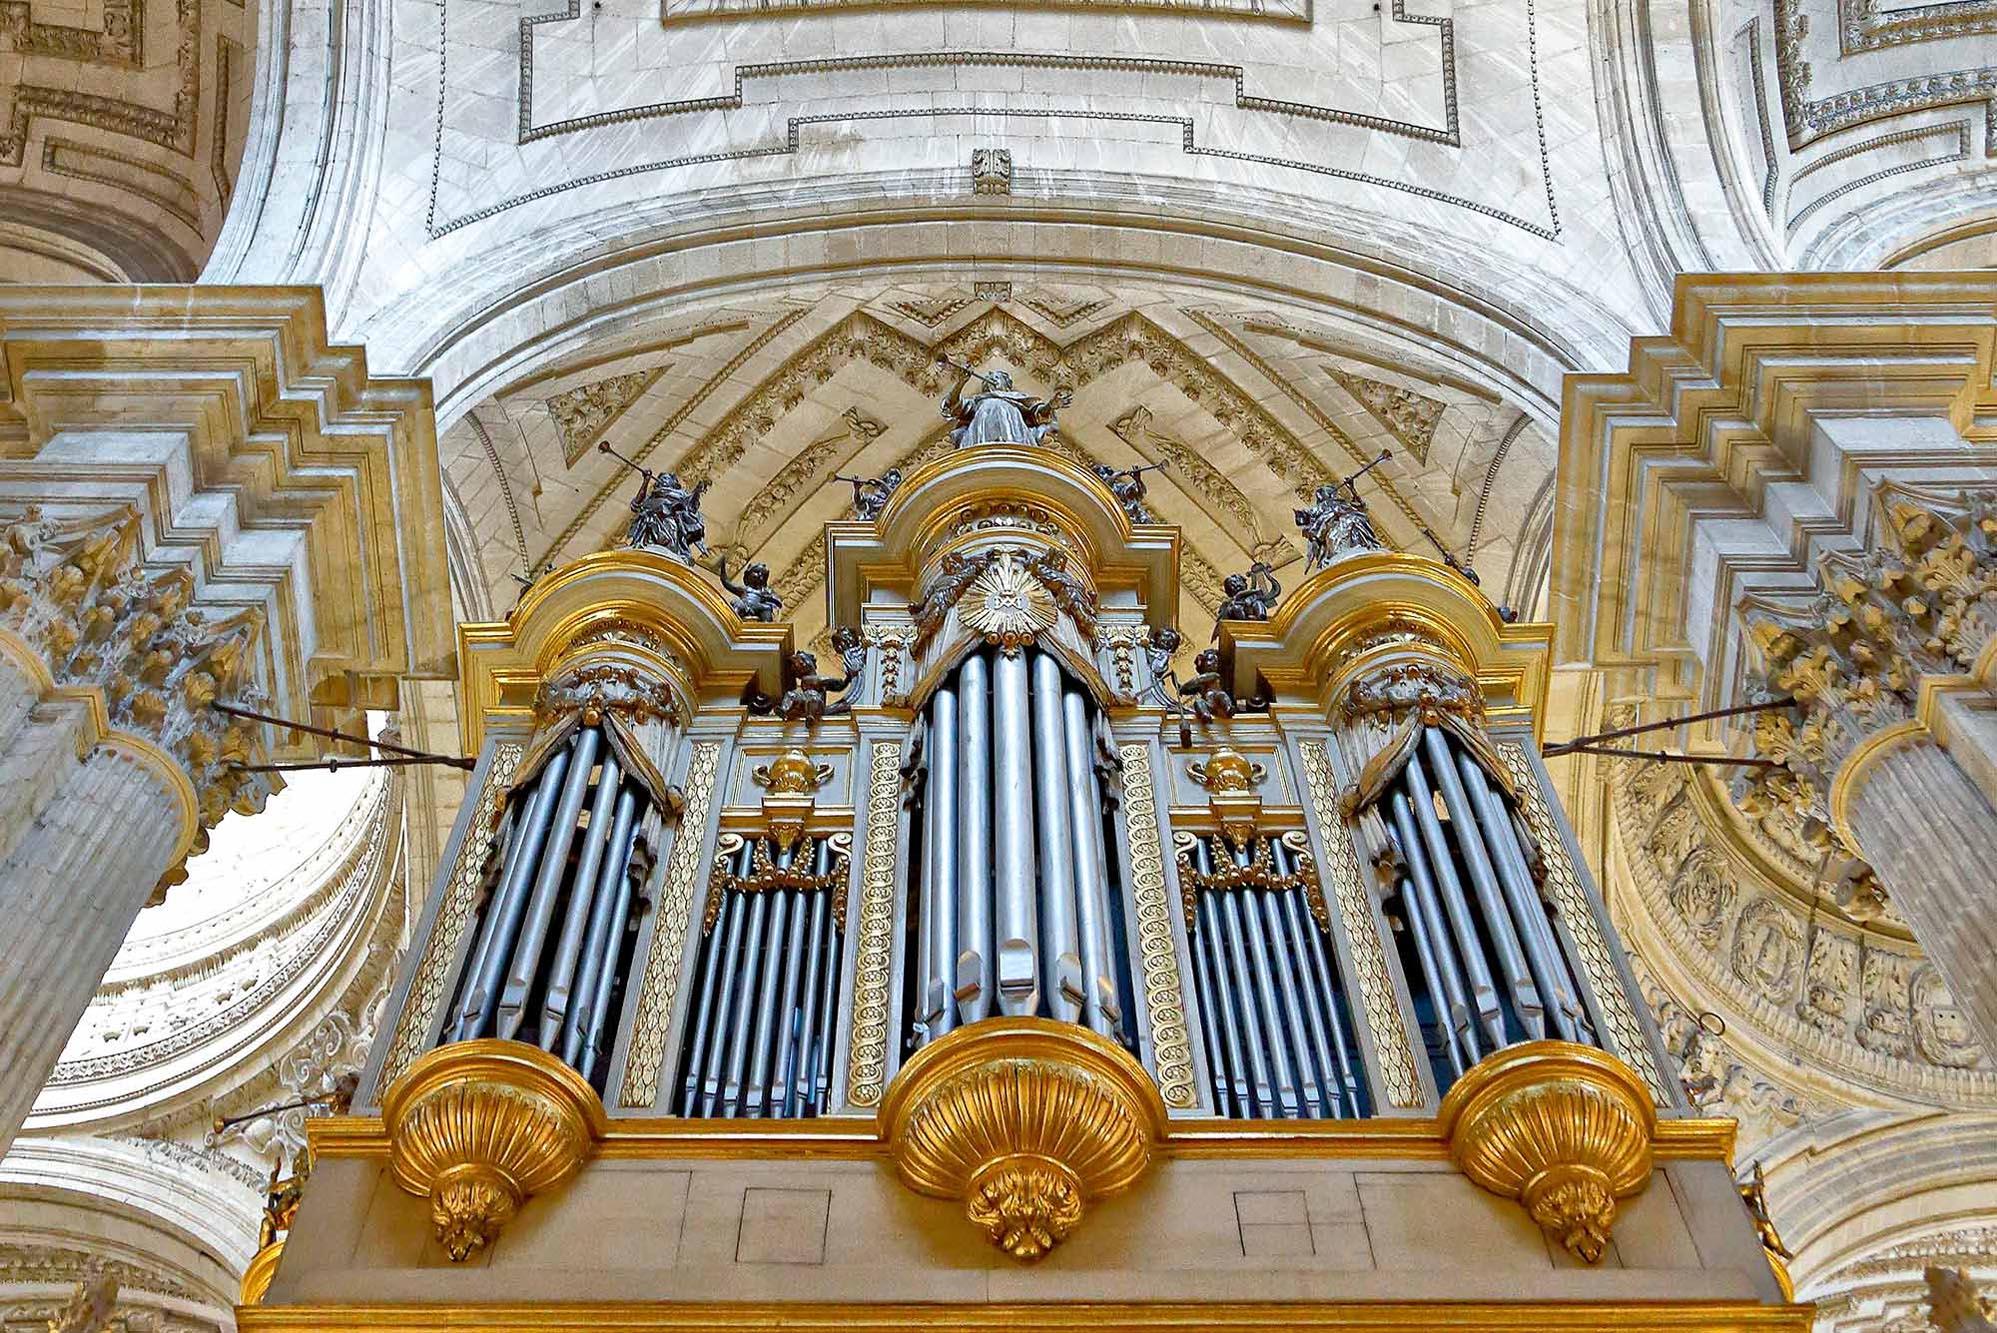 Los tubos con mayor envergadura del órgano simularon ser baterías antiaéreas durante la Guerra Civil.